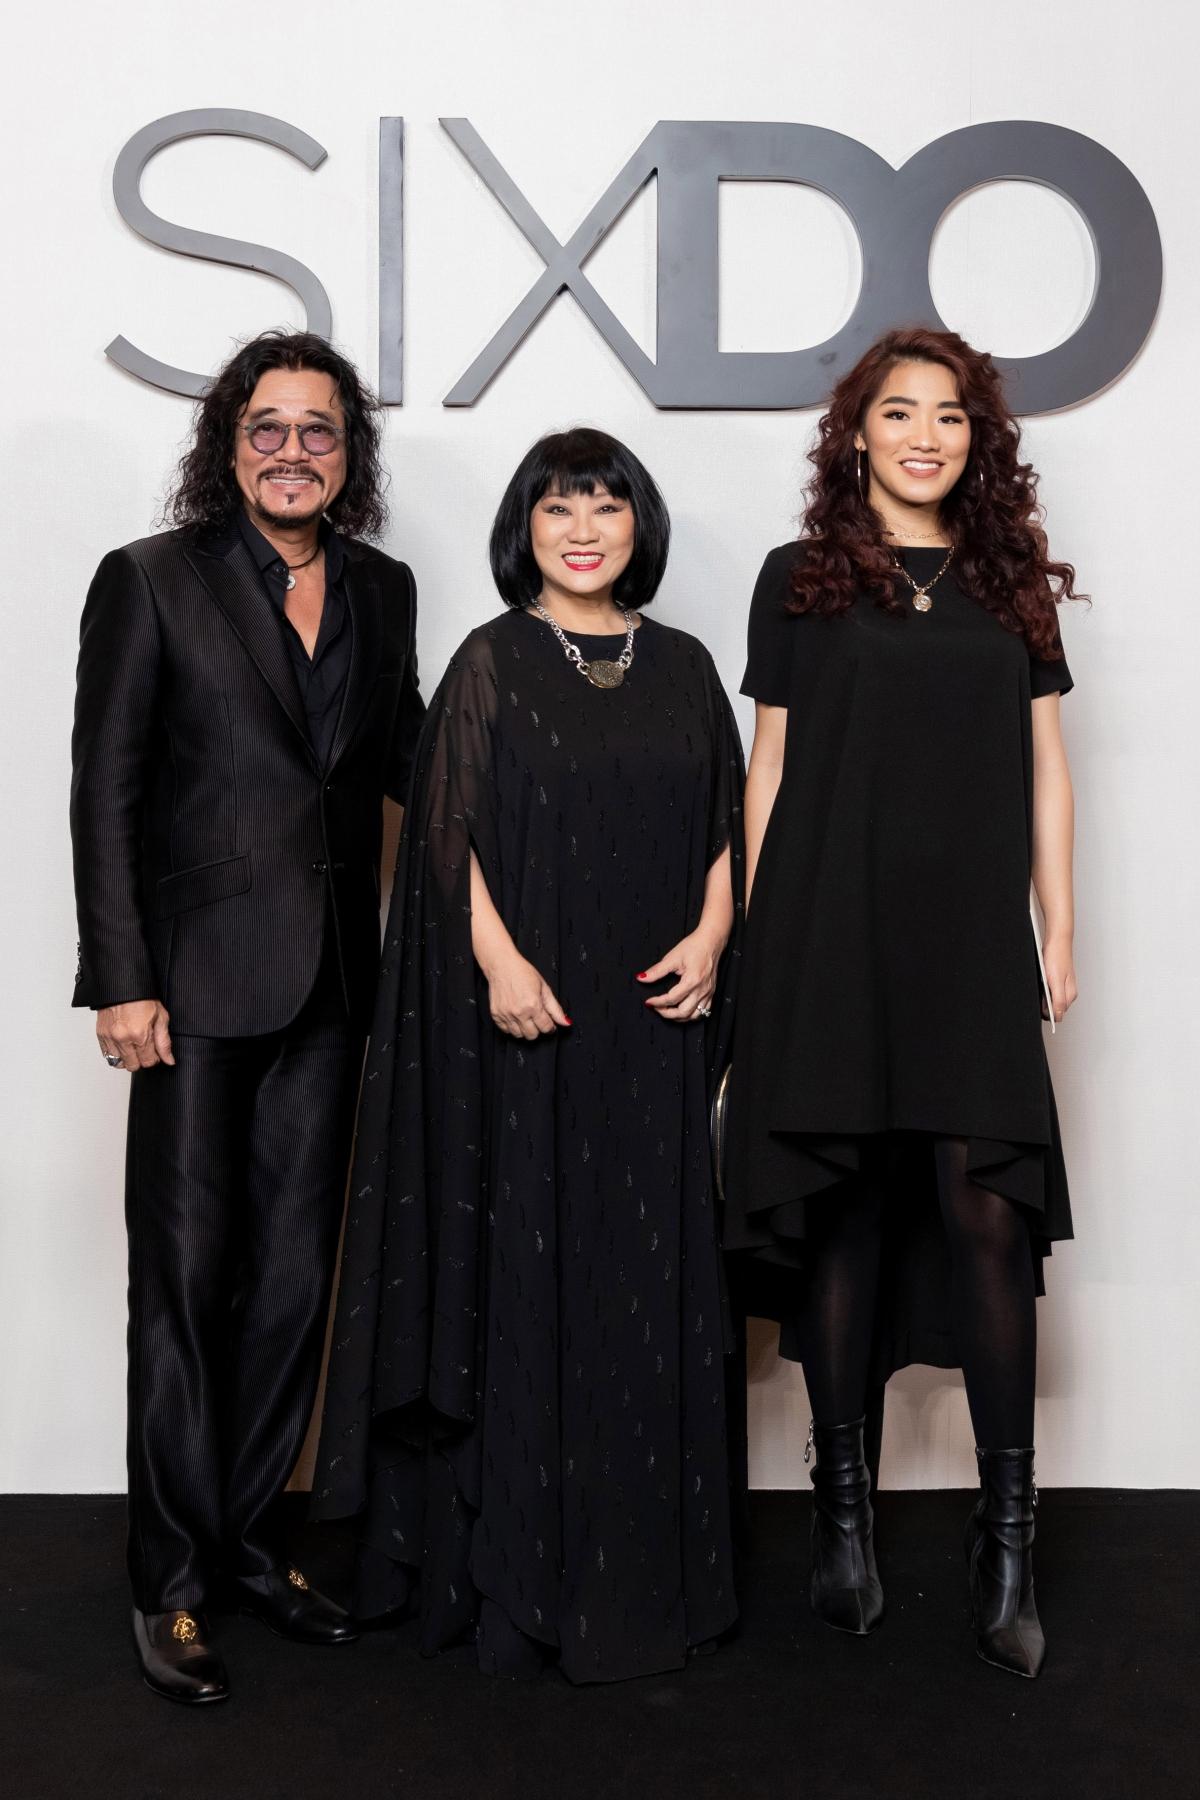 Tối 24/10, NTK Đỗ Mạnh Cường chính thức mang đến show diễn hoành tráng ra mắt BST đầu tiên của thương hiệu thời trang SIXDO, đồng hành cùng anh là doanh nhân CEO Phạm Huy Cận.